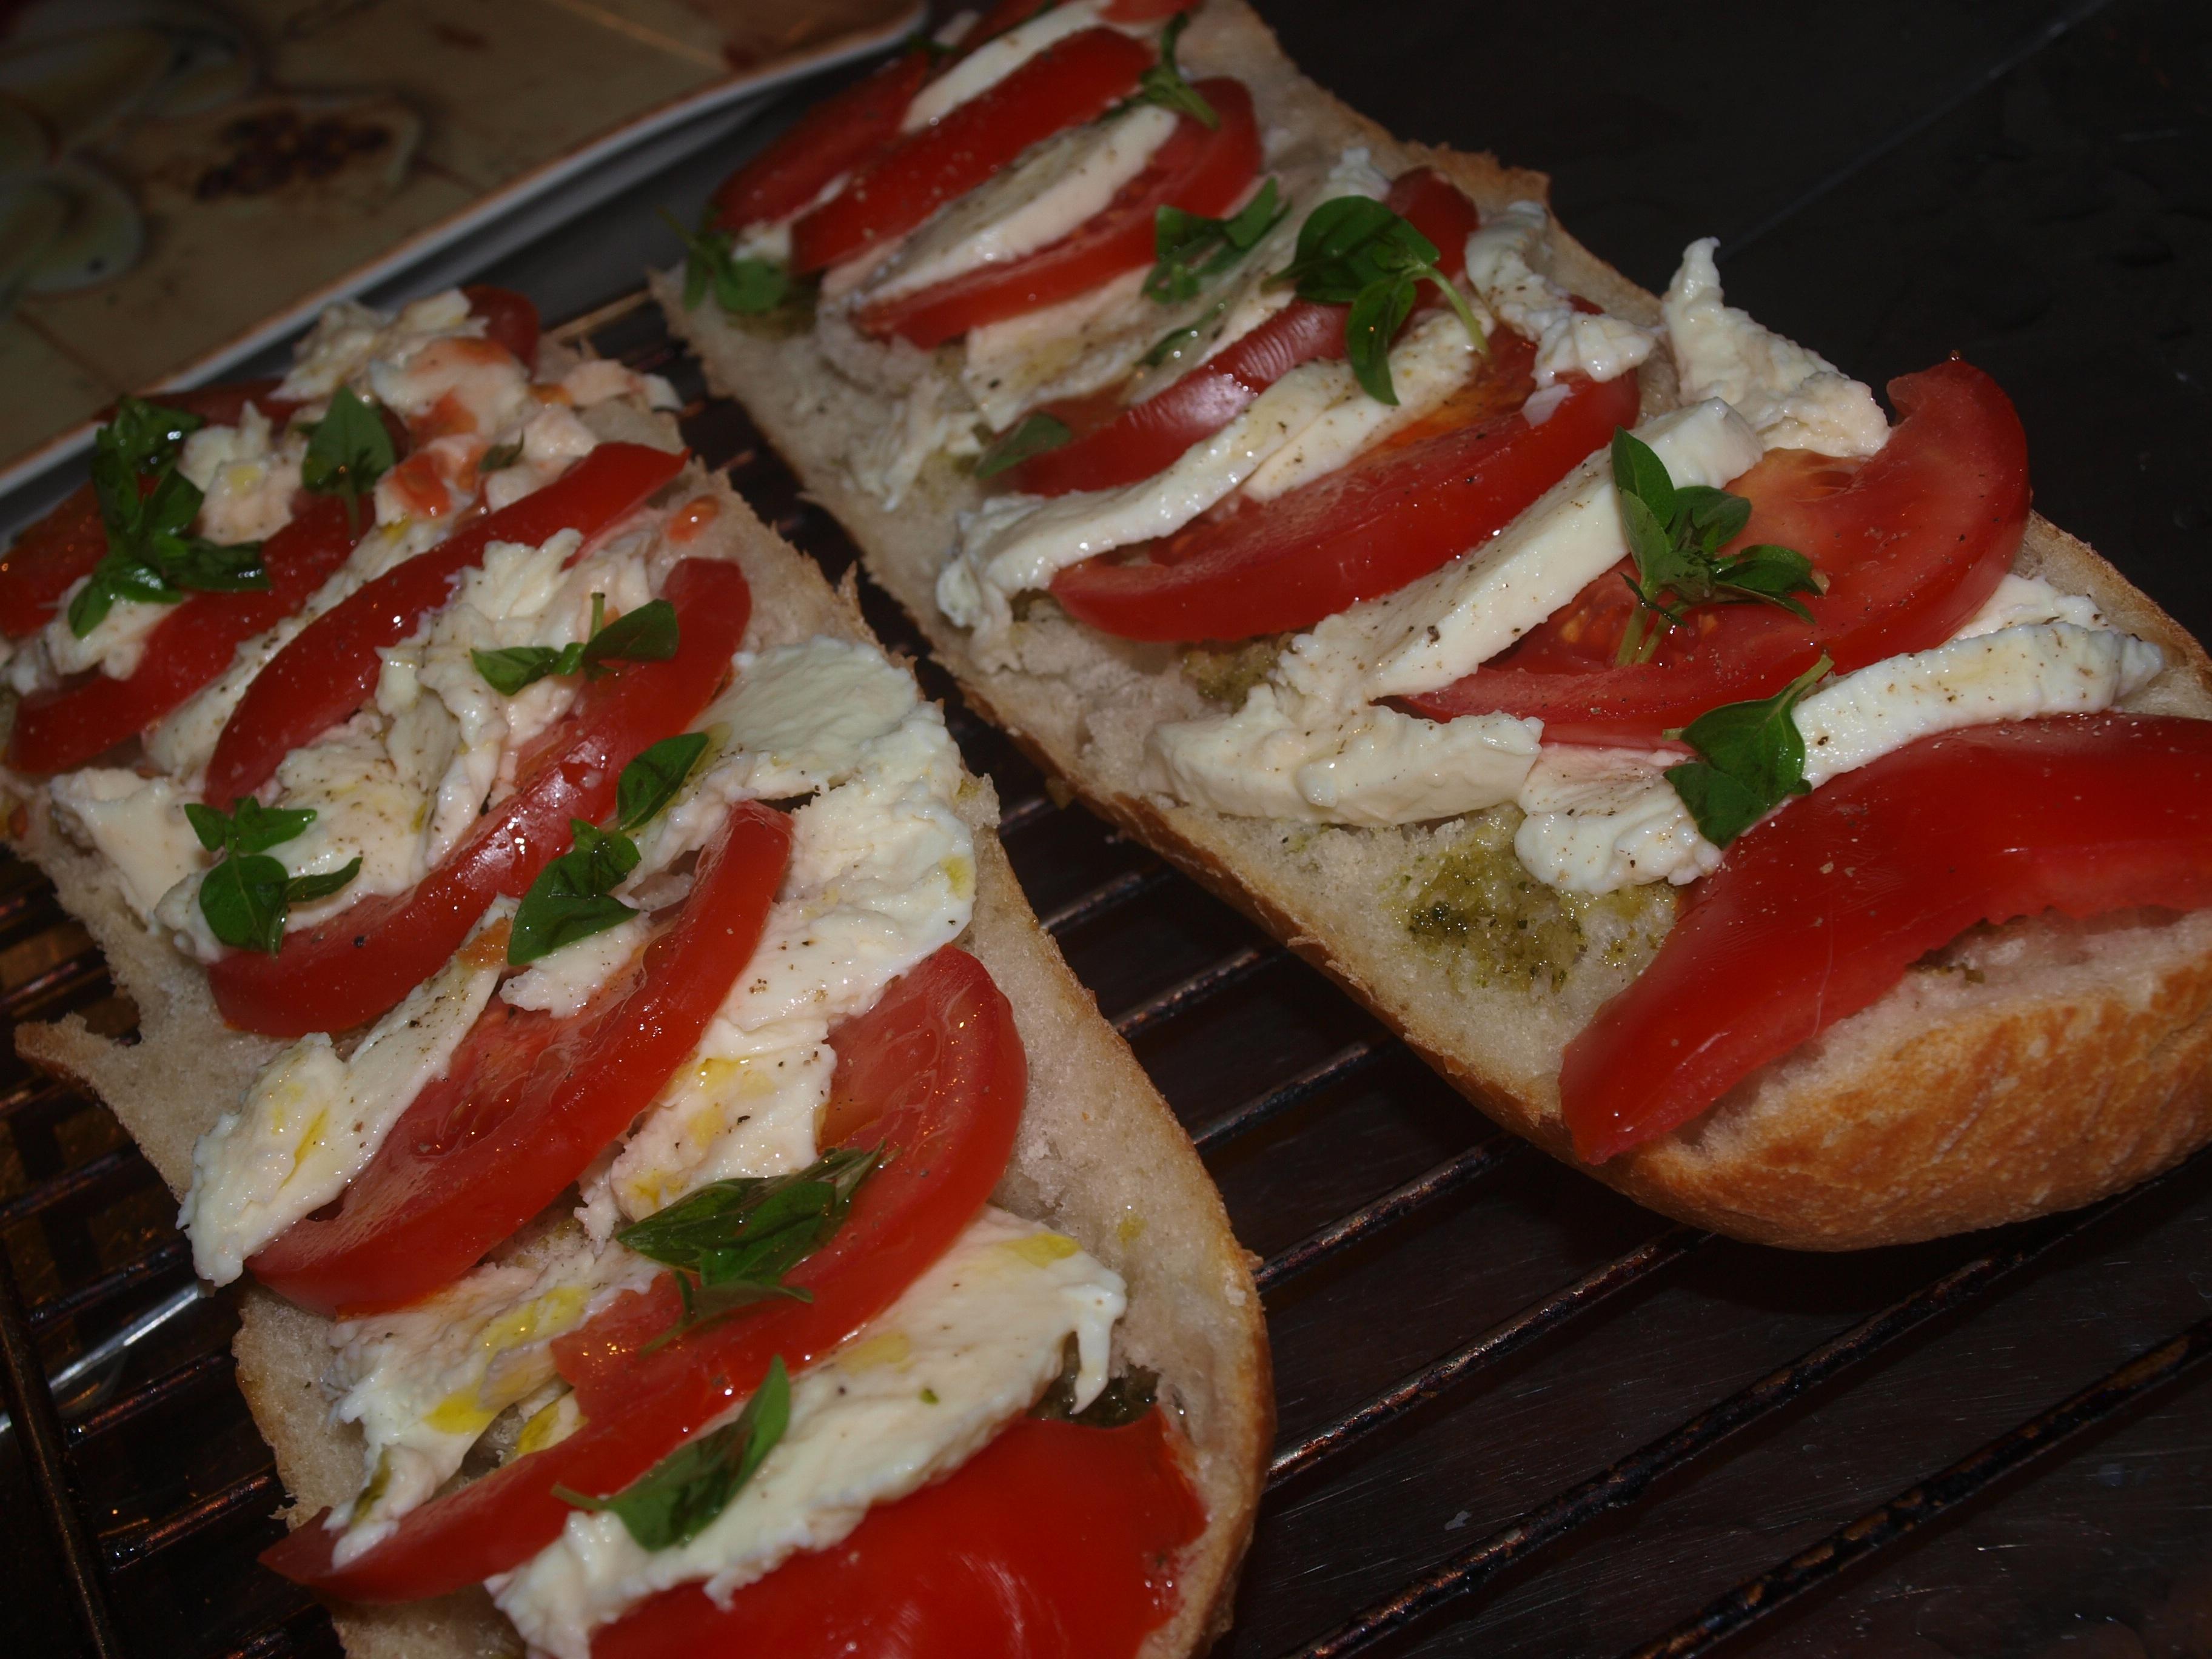 Gambar Hidangan Makan Menghasilkan Masakan Roti Tomat